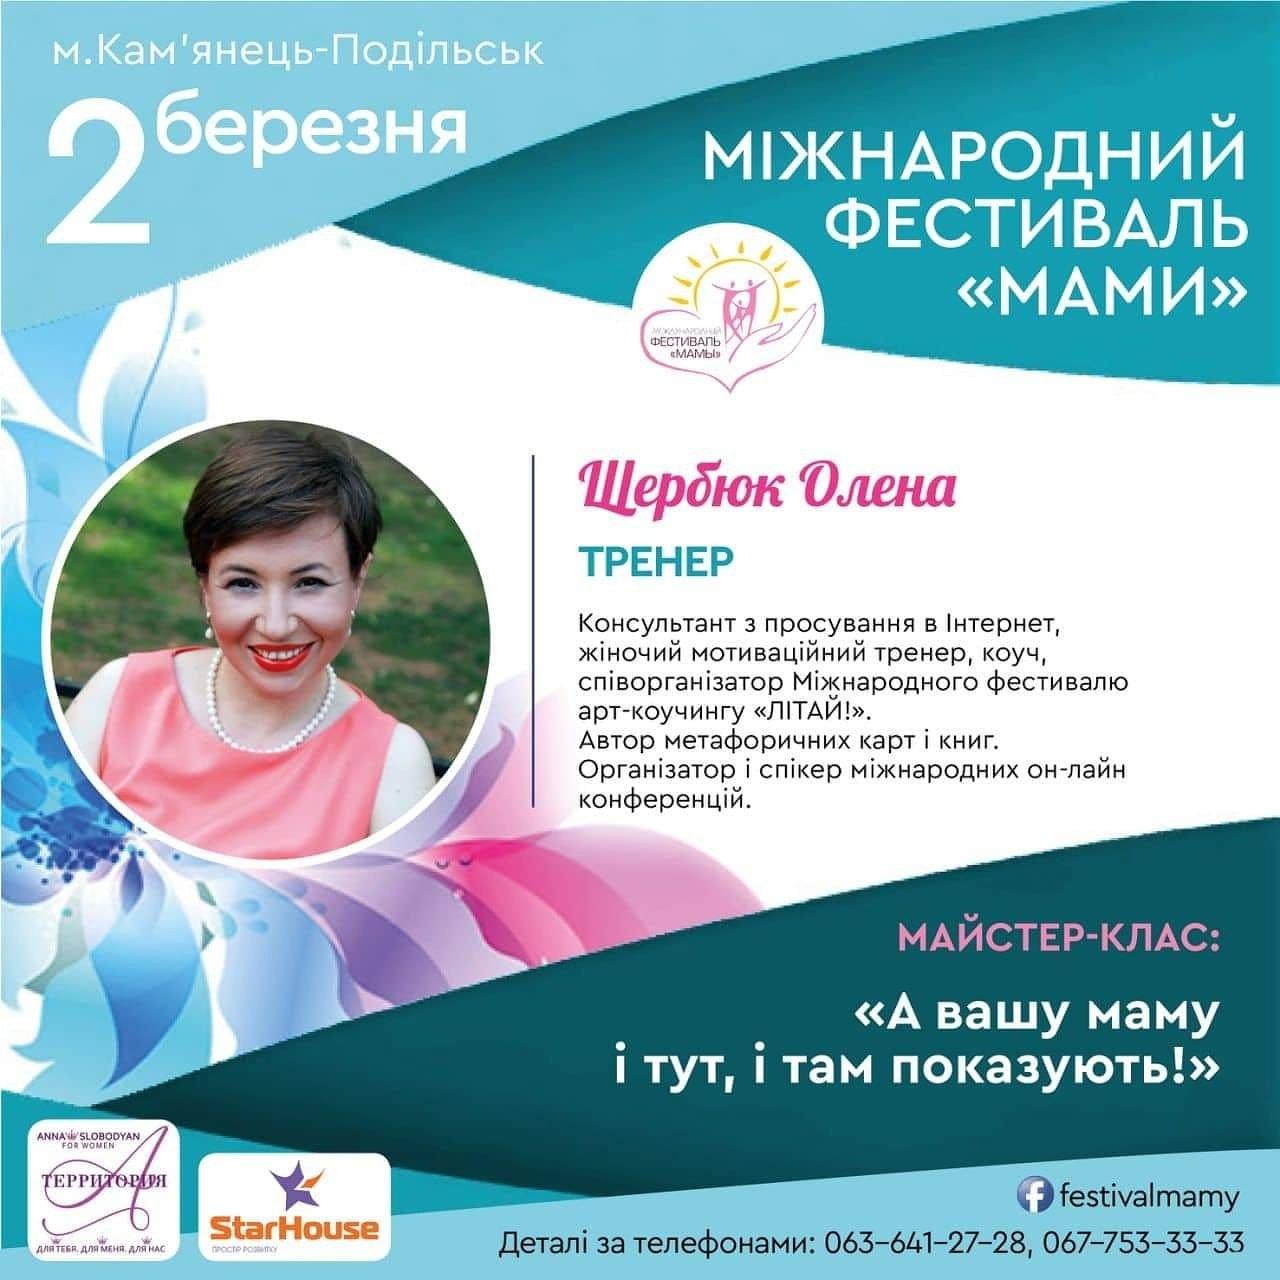 """Міжнародний фестиваль """"Мами"""" у Кам'янці-Подільському анонсує спікерів, фото-2"""